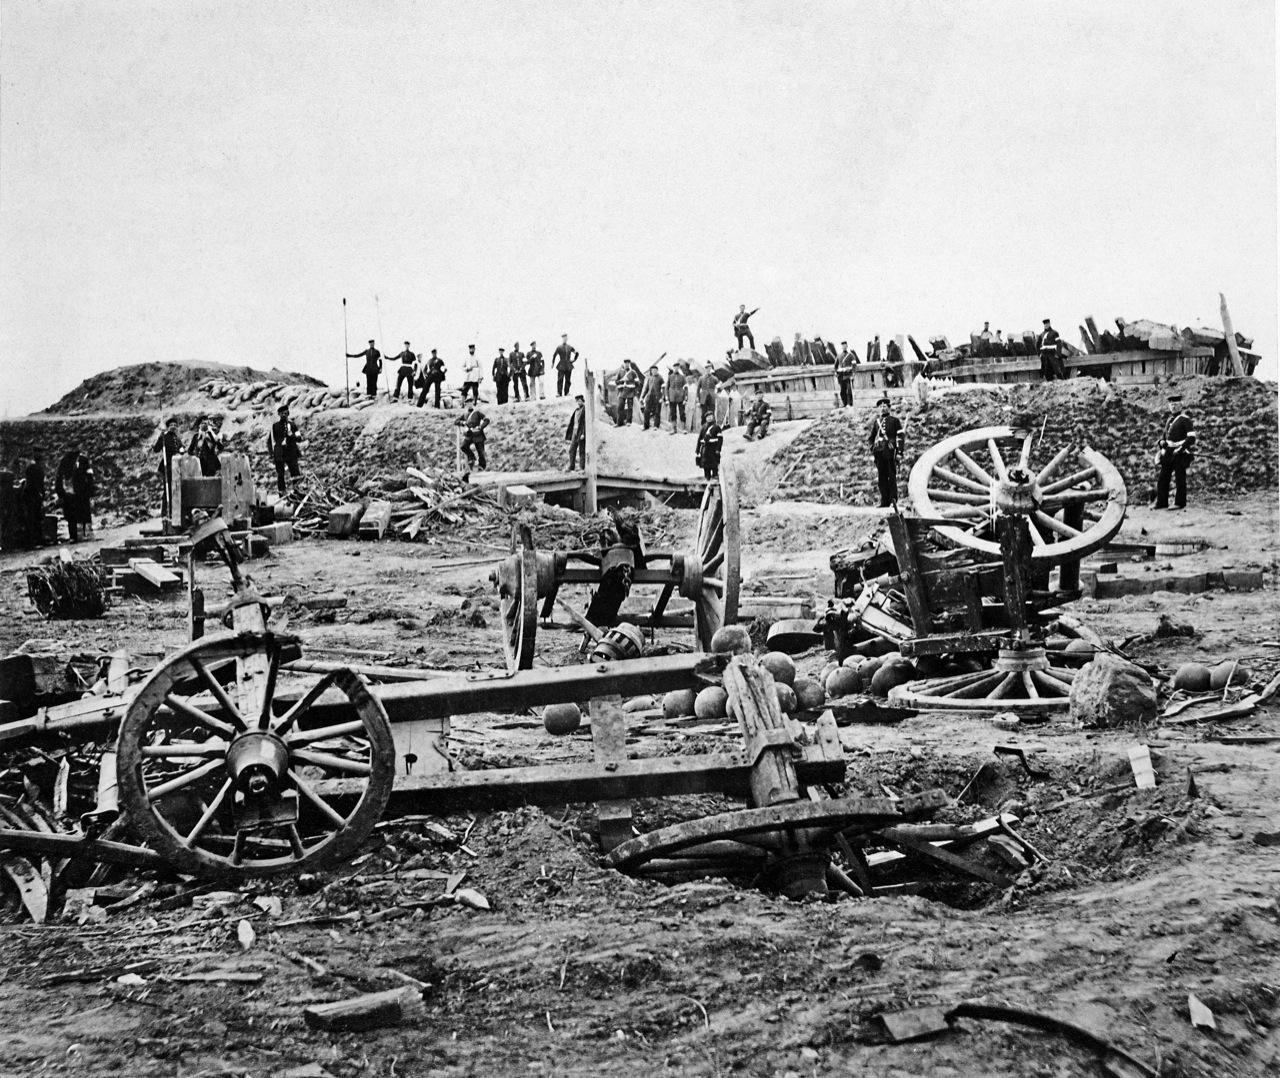 Slaget ved Dybbøl i 1864: Historien om det forsømte selvopgør | Information